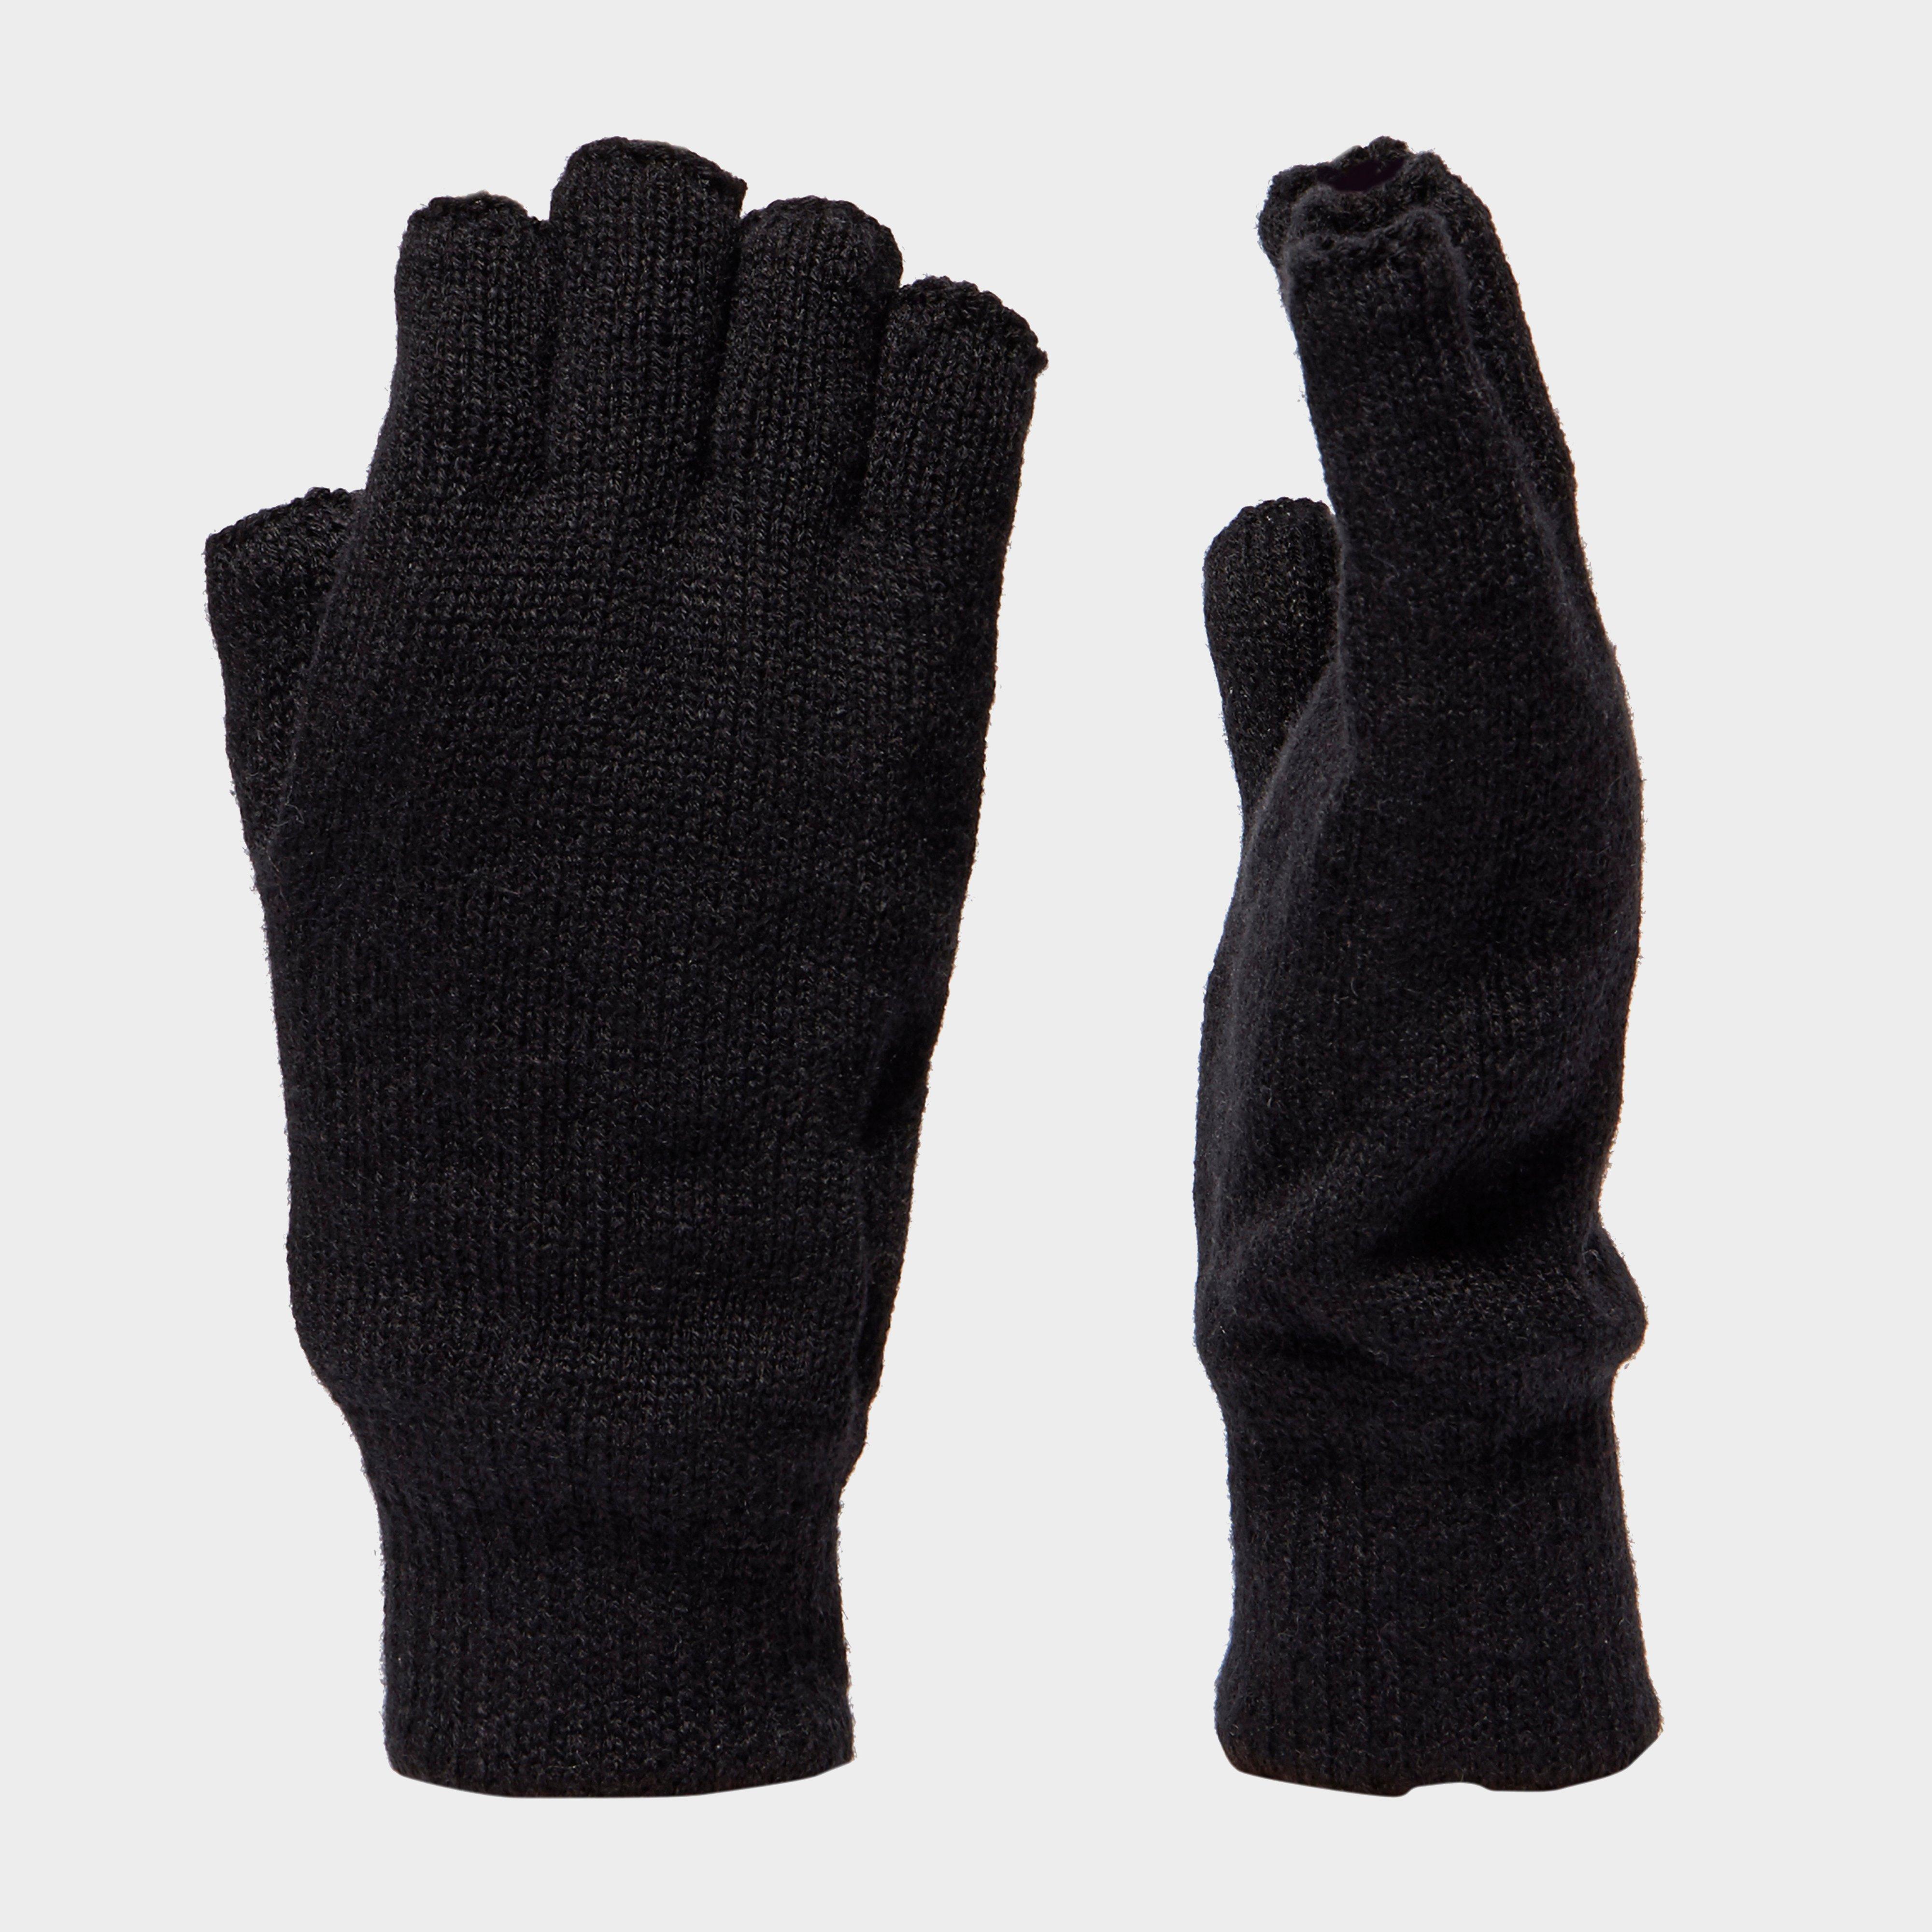 Peter Storm Thinsulate Fingerless Gloves - Black, Black